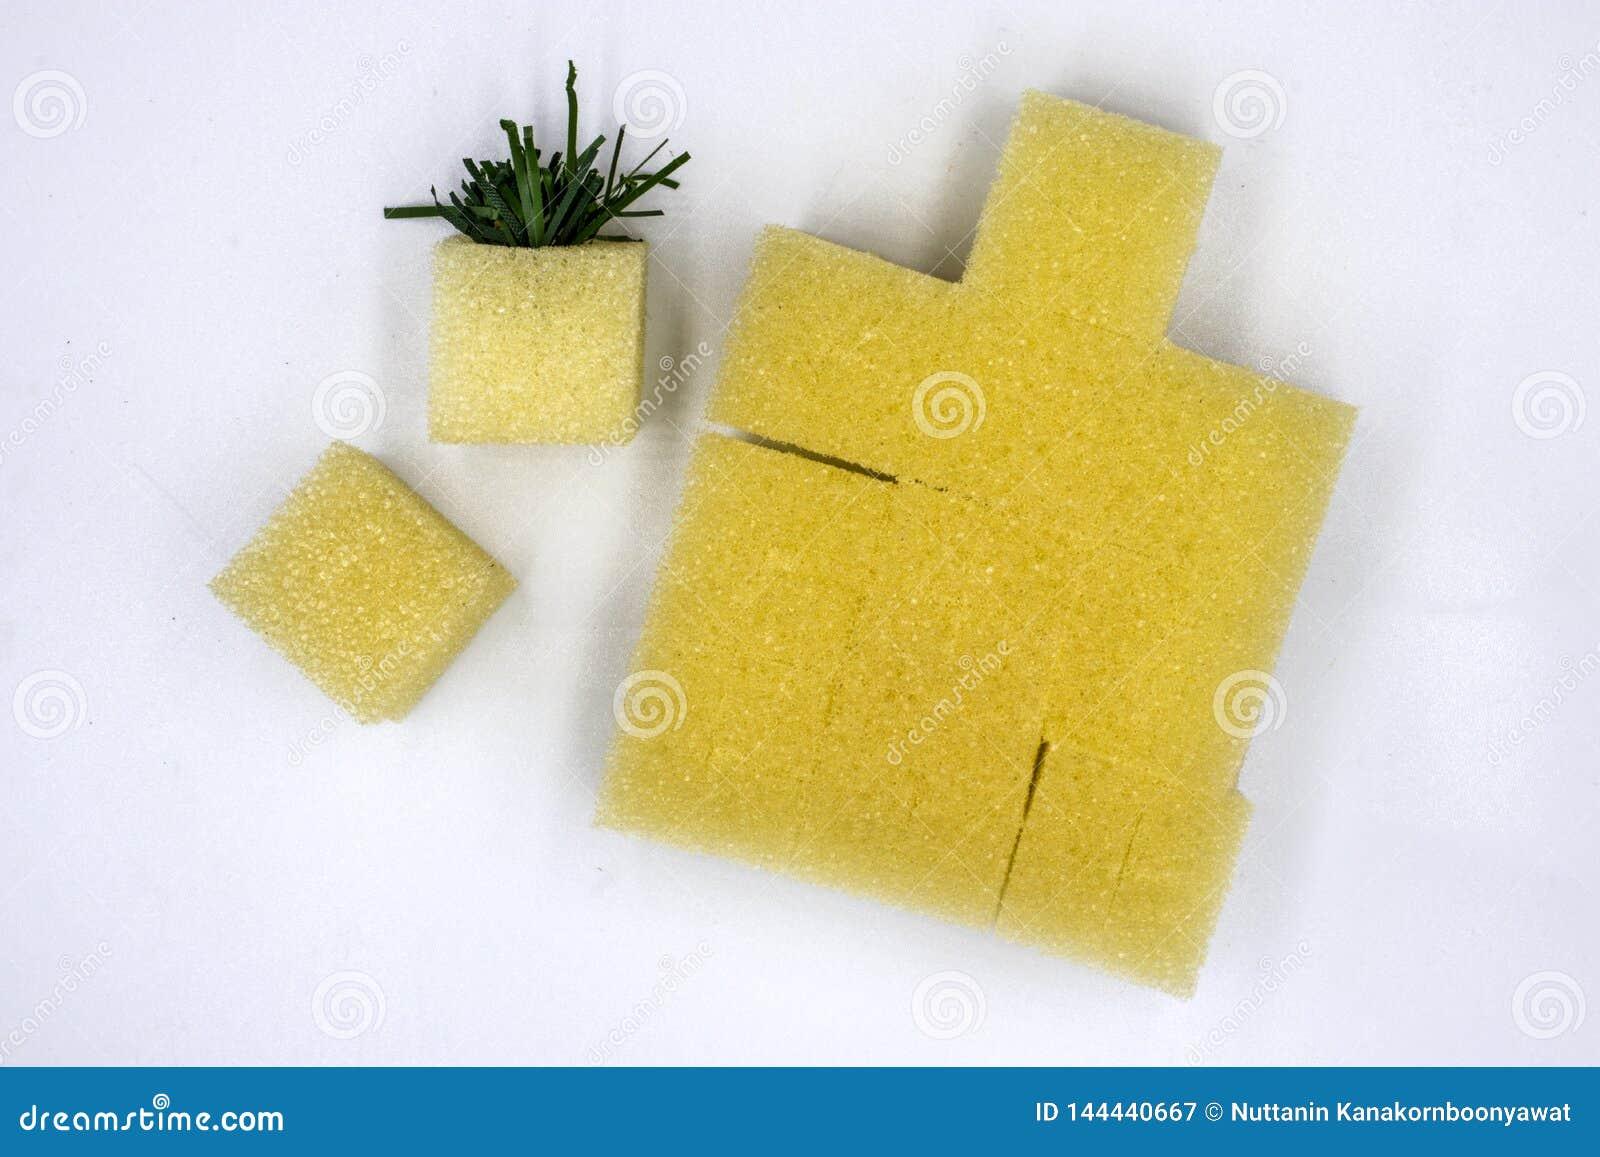 准备的海绵被种植在水栽法菜剧情,立方体海绵,被隔绝的白色背景